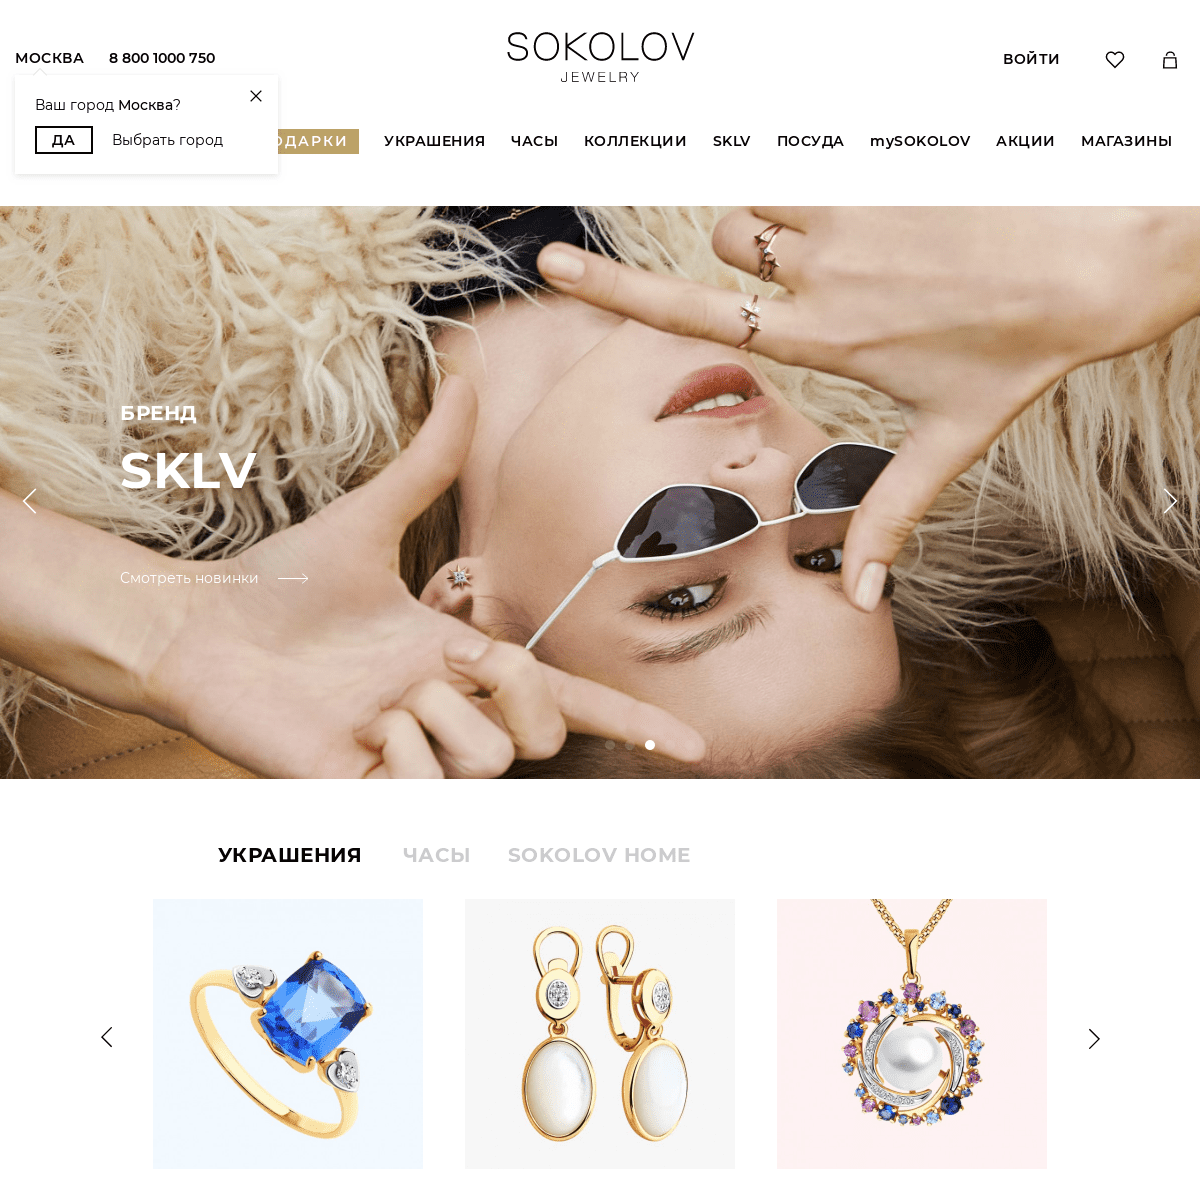 Ювелирная компания SOKOLOV. Официальный интернет магазин